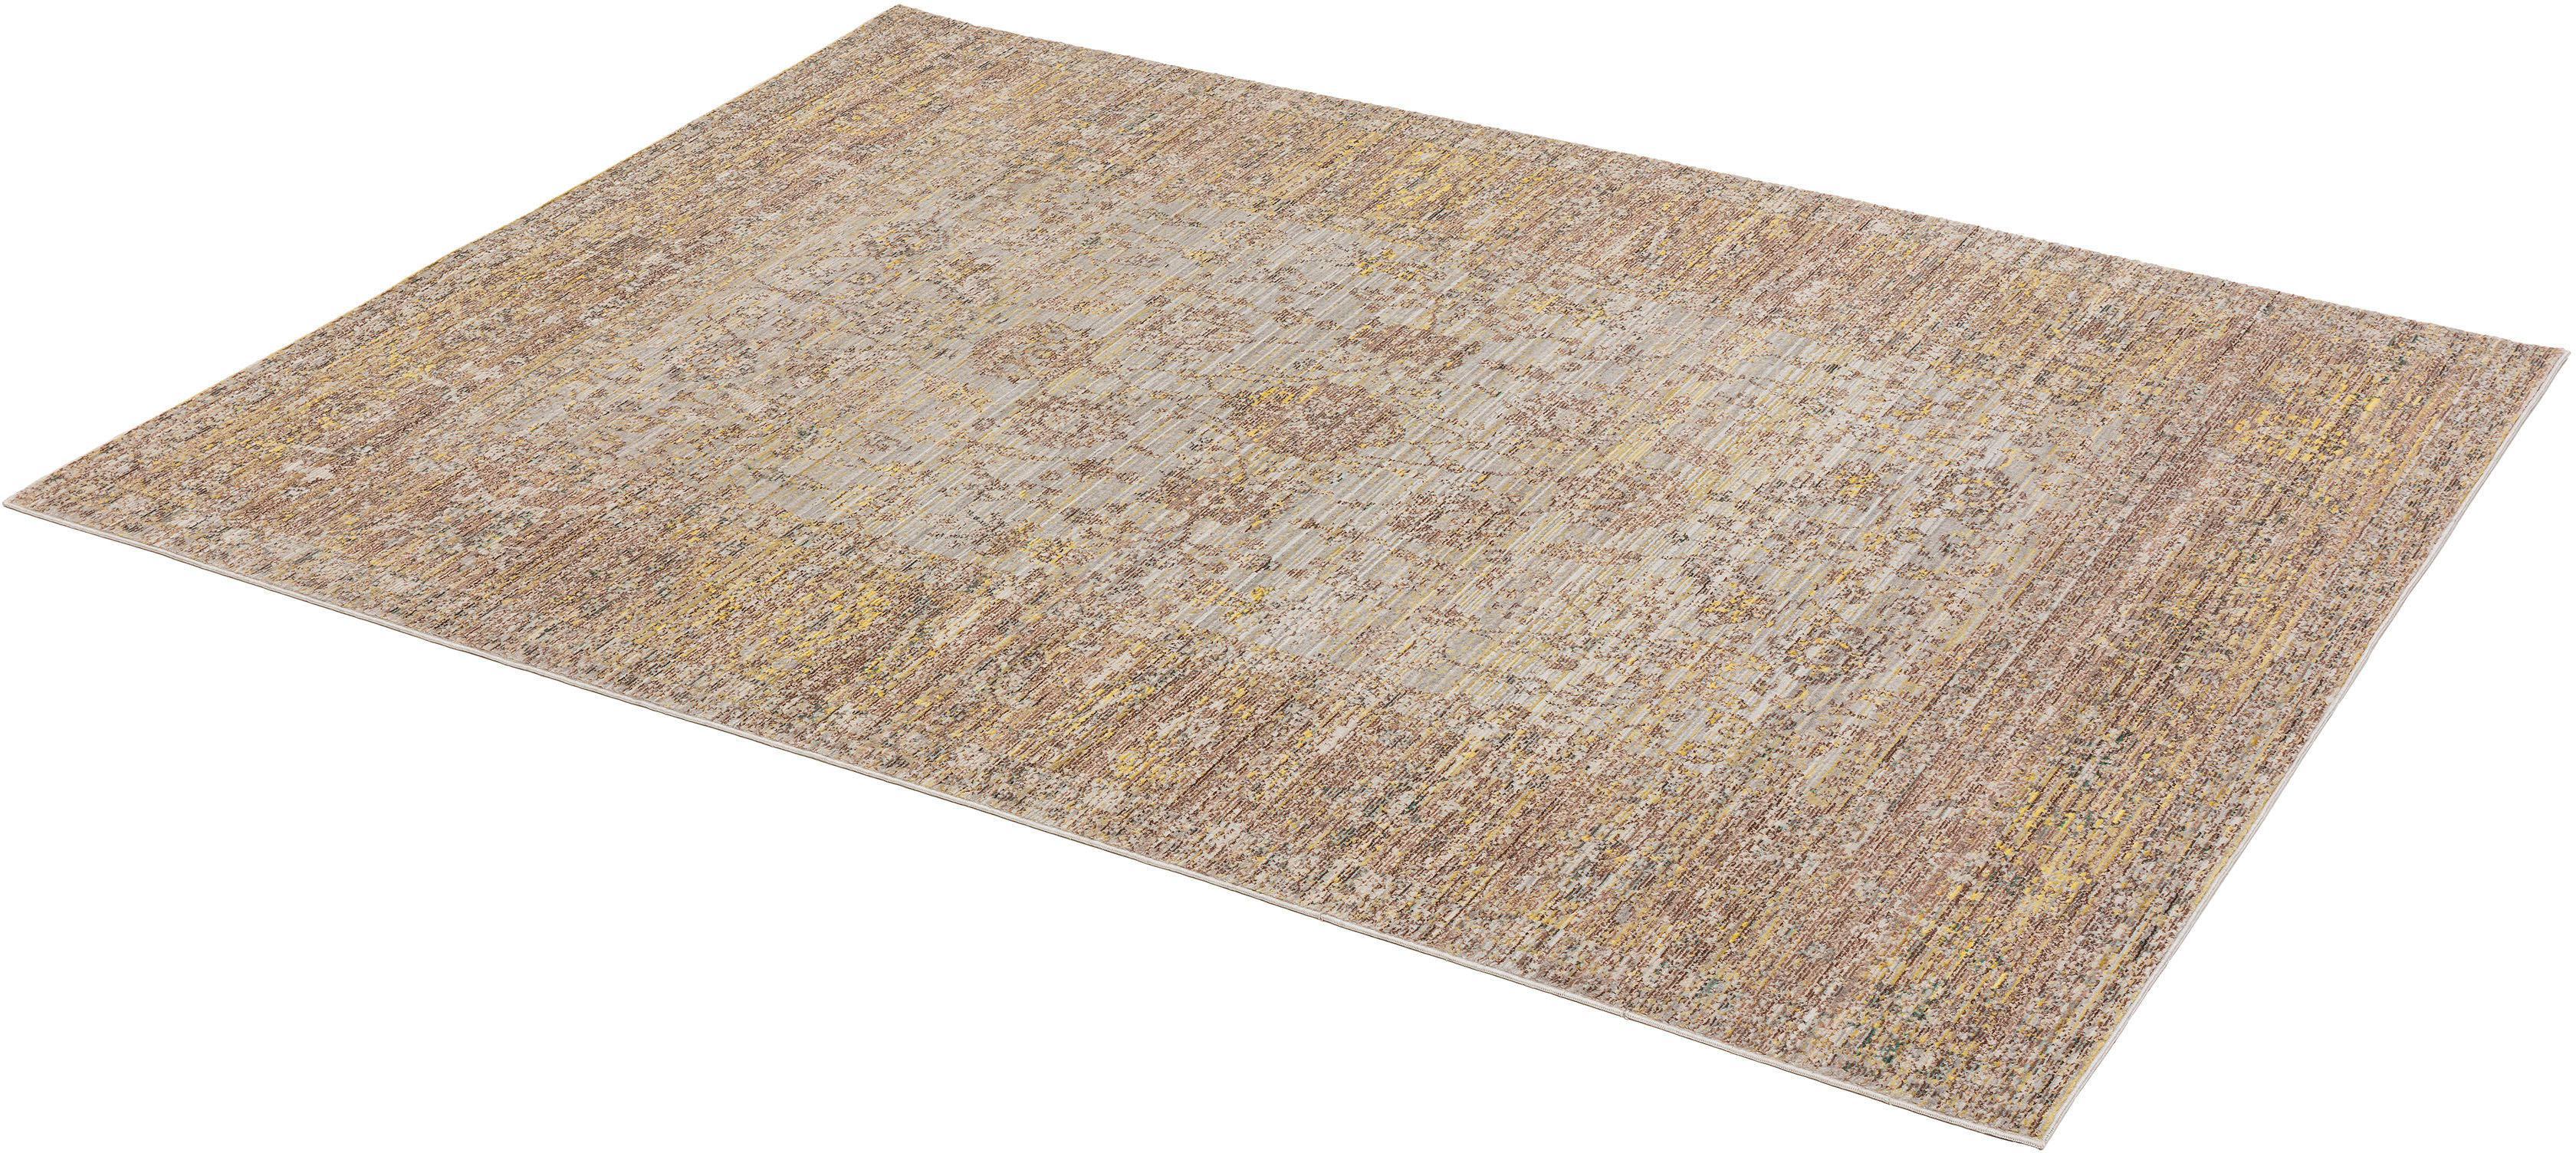 Teppich Shining 8 SCHÖNER WOHNEN-Kollektion rechteckig Höhe 5 mm